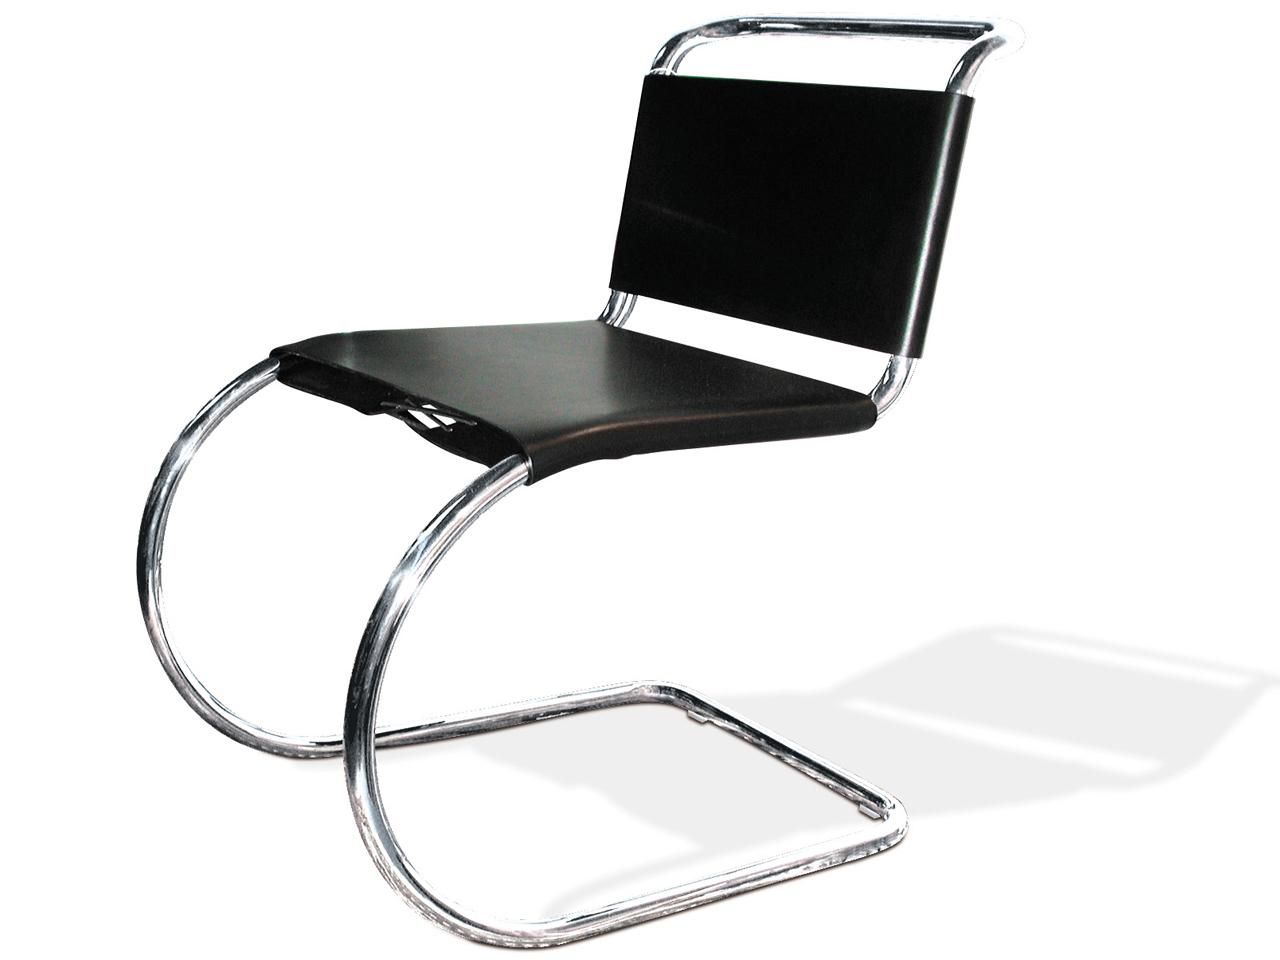 Muebles Bauhaus Caracteristicas - Los 23 Dise Os De La Bauhaus M S Emblem Ticos[mjhdah]http://img.archiexpo.es/images_ae/photo-g/149974-9622247.jpg